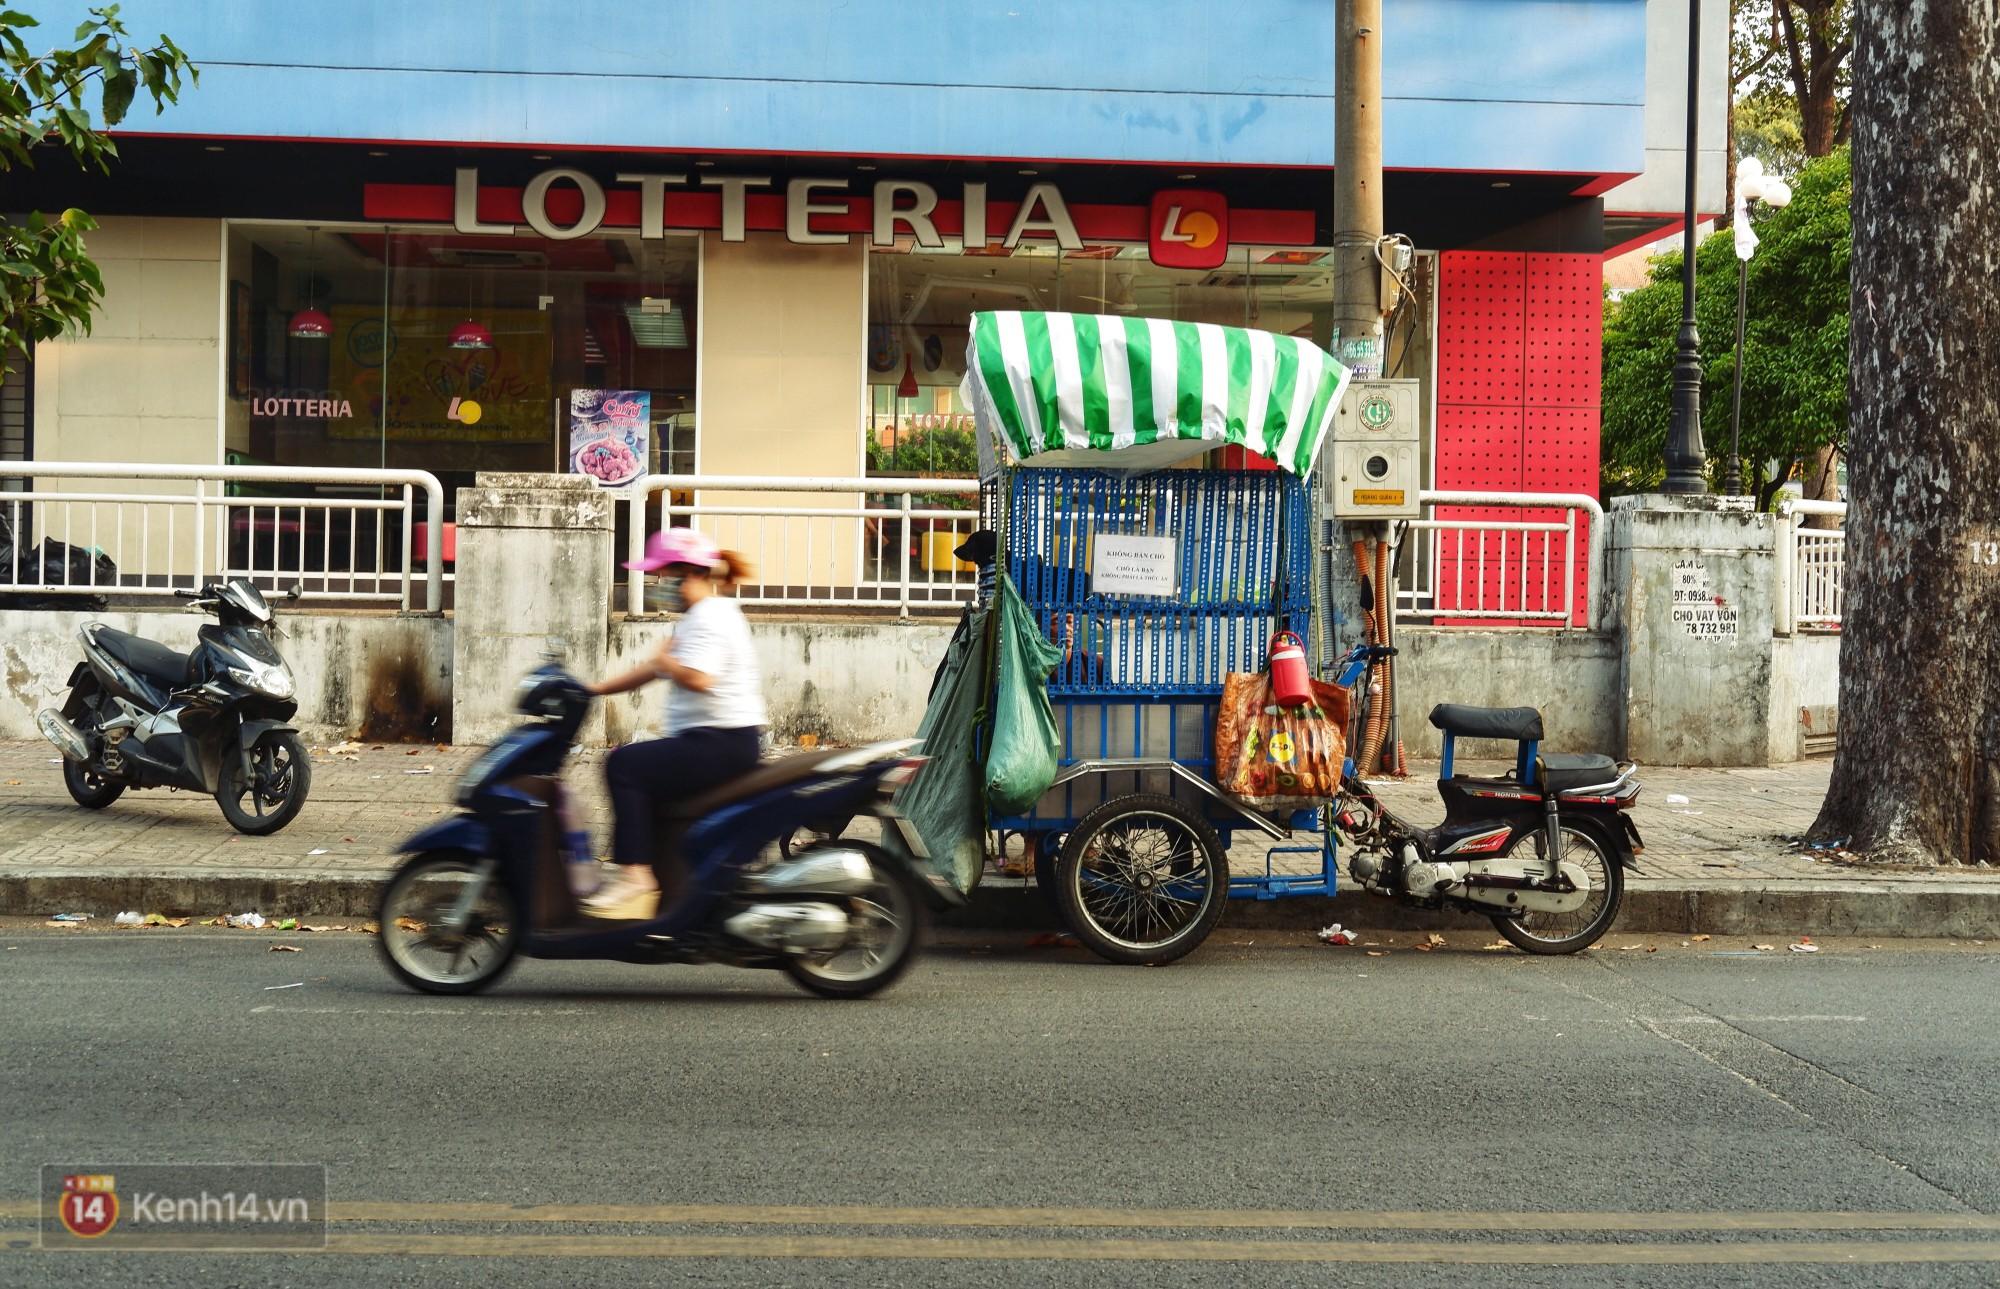 Tấm bảng Chó là bạn, không phải thứ ăn của người đàn ông 20 năm bầu bạn với những chú chó ngoài đường phố Sài Gòn - Ảnh 3.